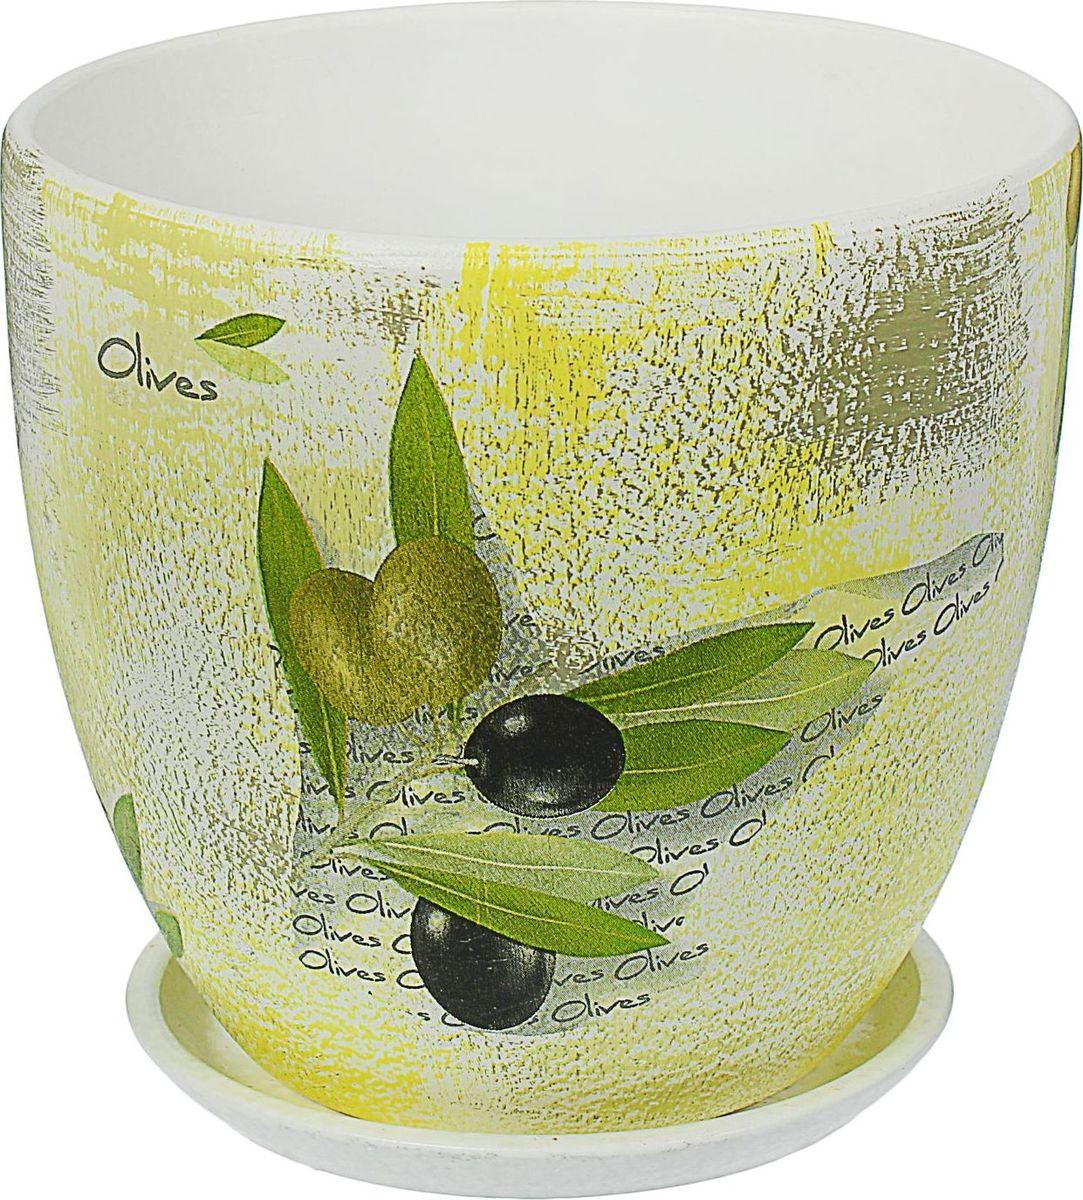 Кашпо Олива, 4,8 л1437909Комнатные растения — всеобщие любимцы. Они радуют глаз, насыщают помещение кислородом и украшают пространство. Каждому из них необходим свой удобный и красивый дом. Кашпо из керамики прекрасно подходят для высадки растений: за счёт пластичности глины и разных способов обработки существует великое множество форм и дизайновпористый материал позволяет испаряться лишней влагевоздух, необходимый для дыхания корней, проникает сквозь керамические стенки! #name# позаботится о зелёном питомце, освежит интерьер и подчеркнёт его стиль.